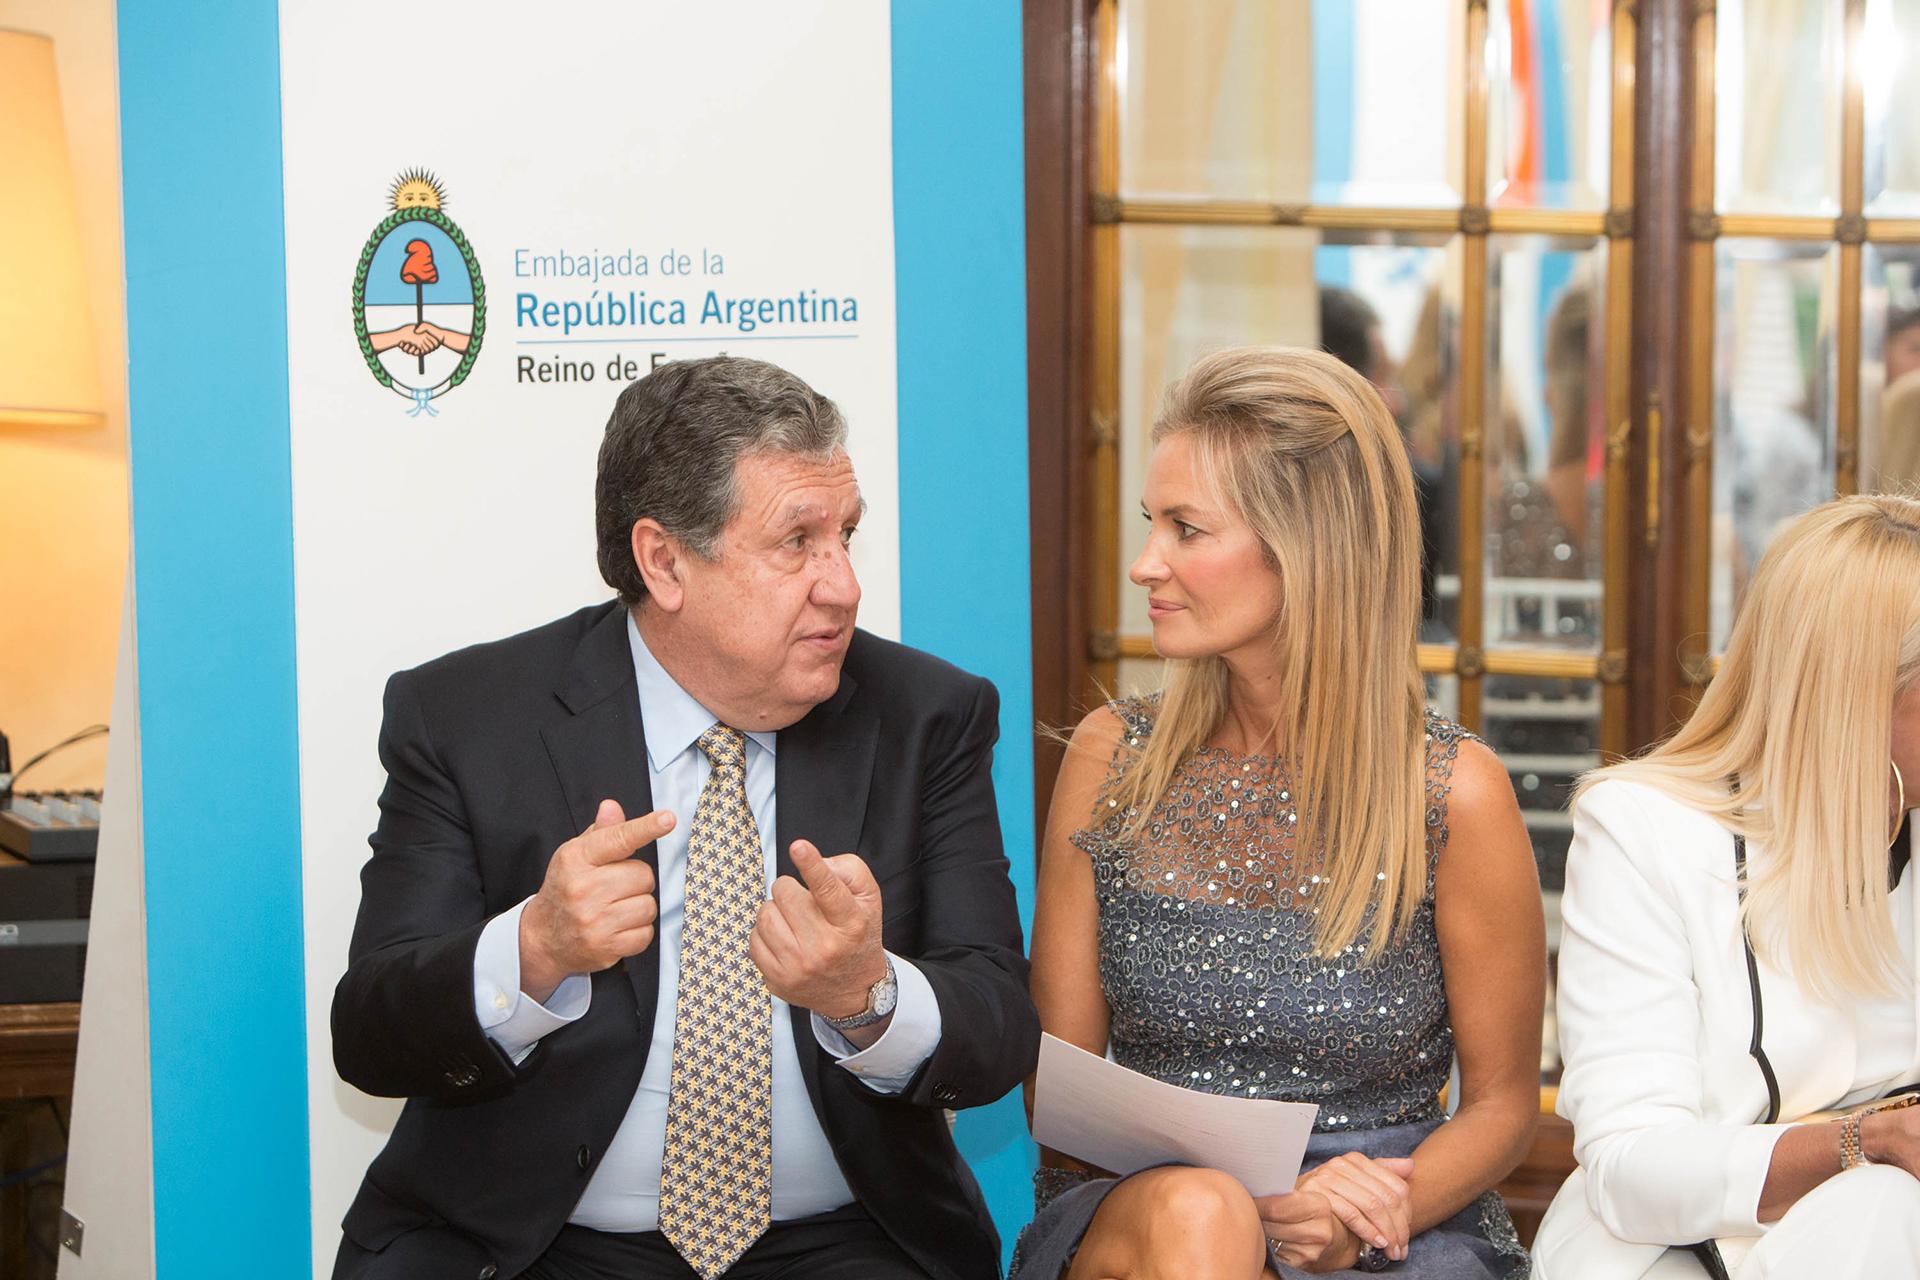 El embajador argentino en España, Ramón Puerta, y la embajadora de la Fundación Manos Patagónicas, Lily Sciorra